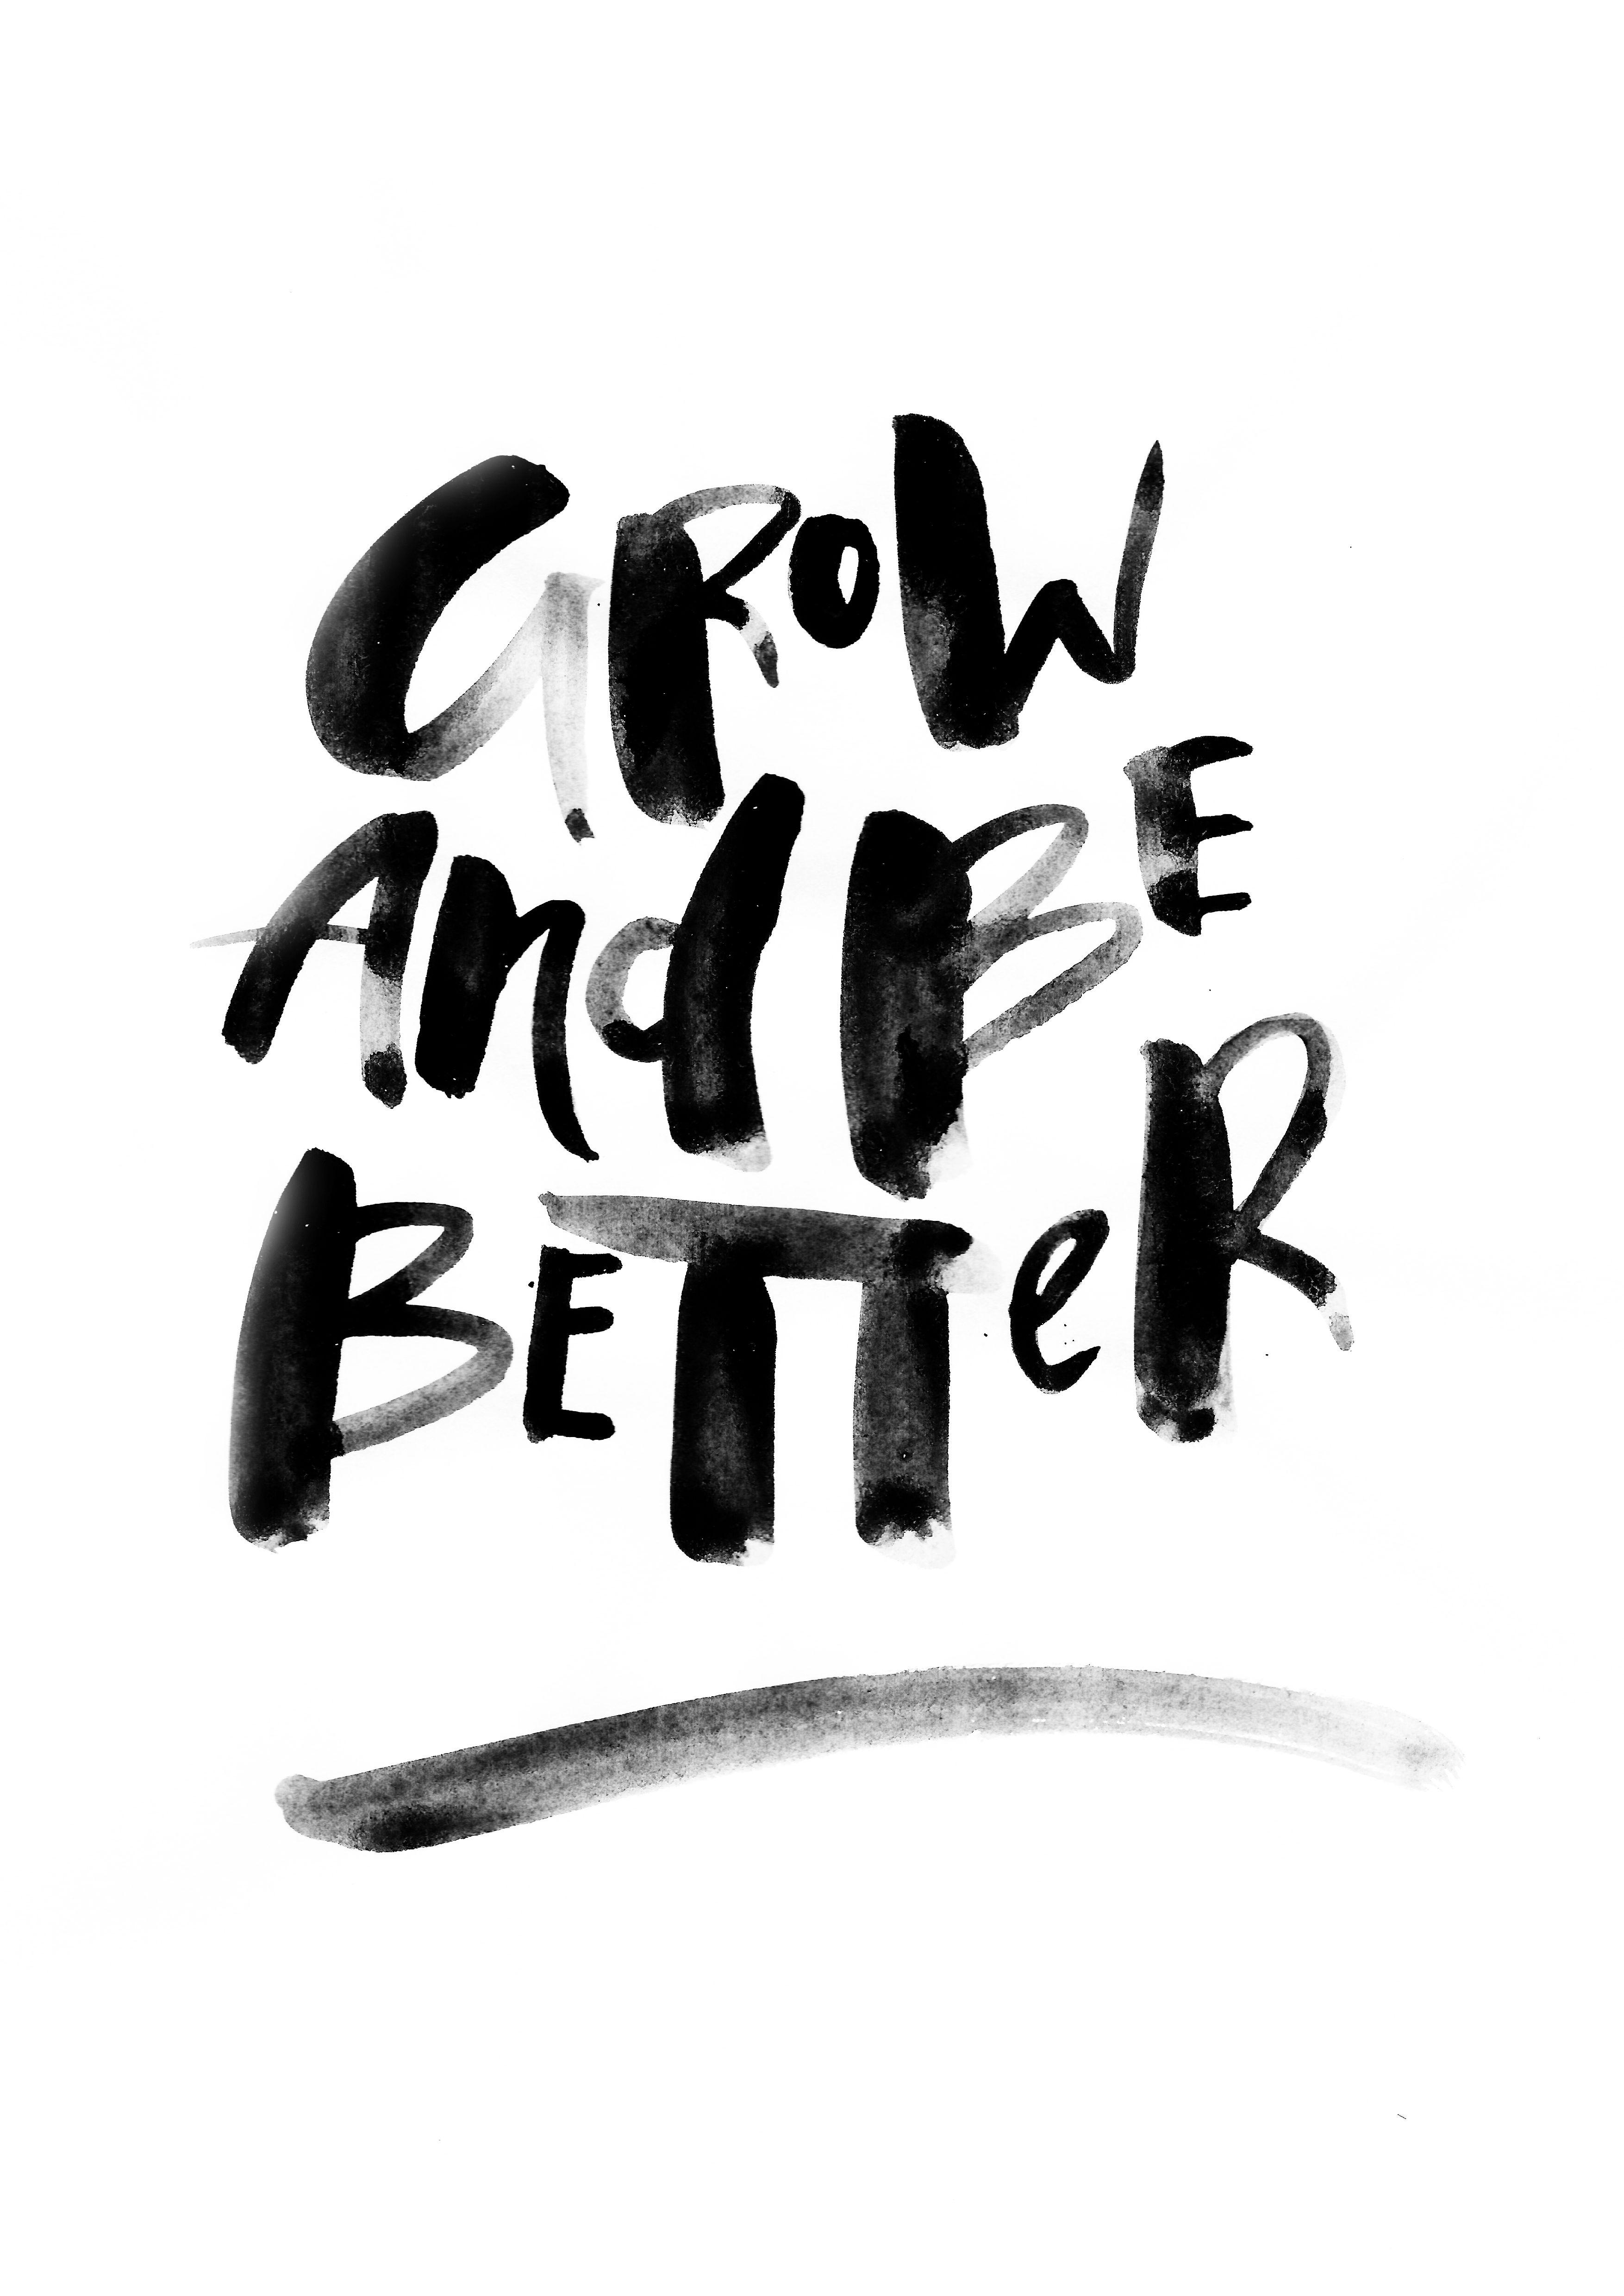 grow_bycocorirna_by_cocorie-d8uxu04.jpg 3508×4961 pikseli